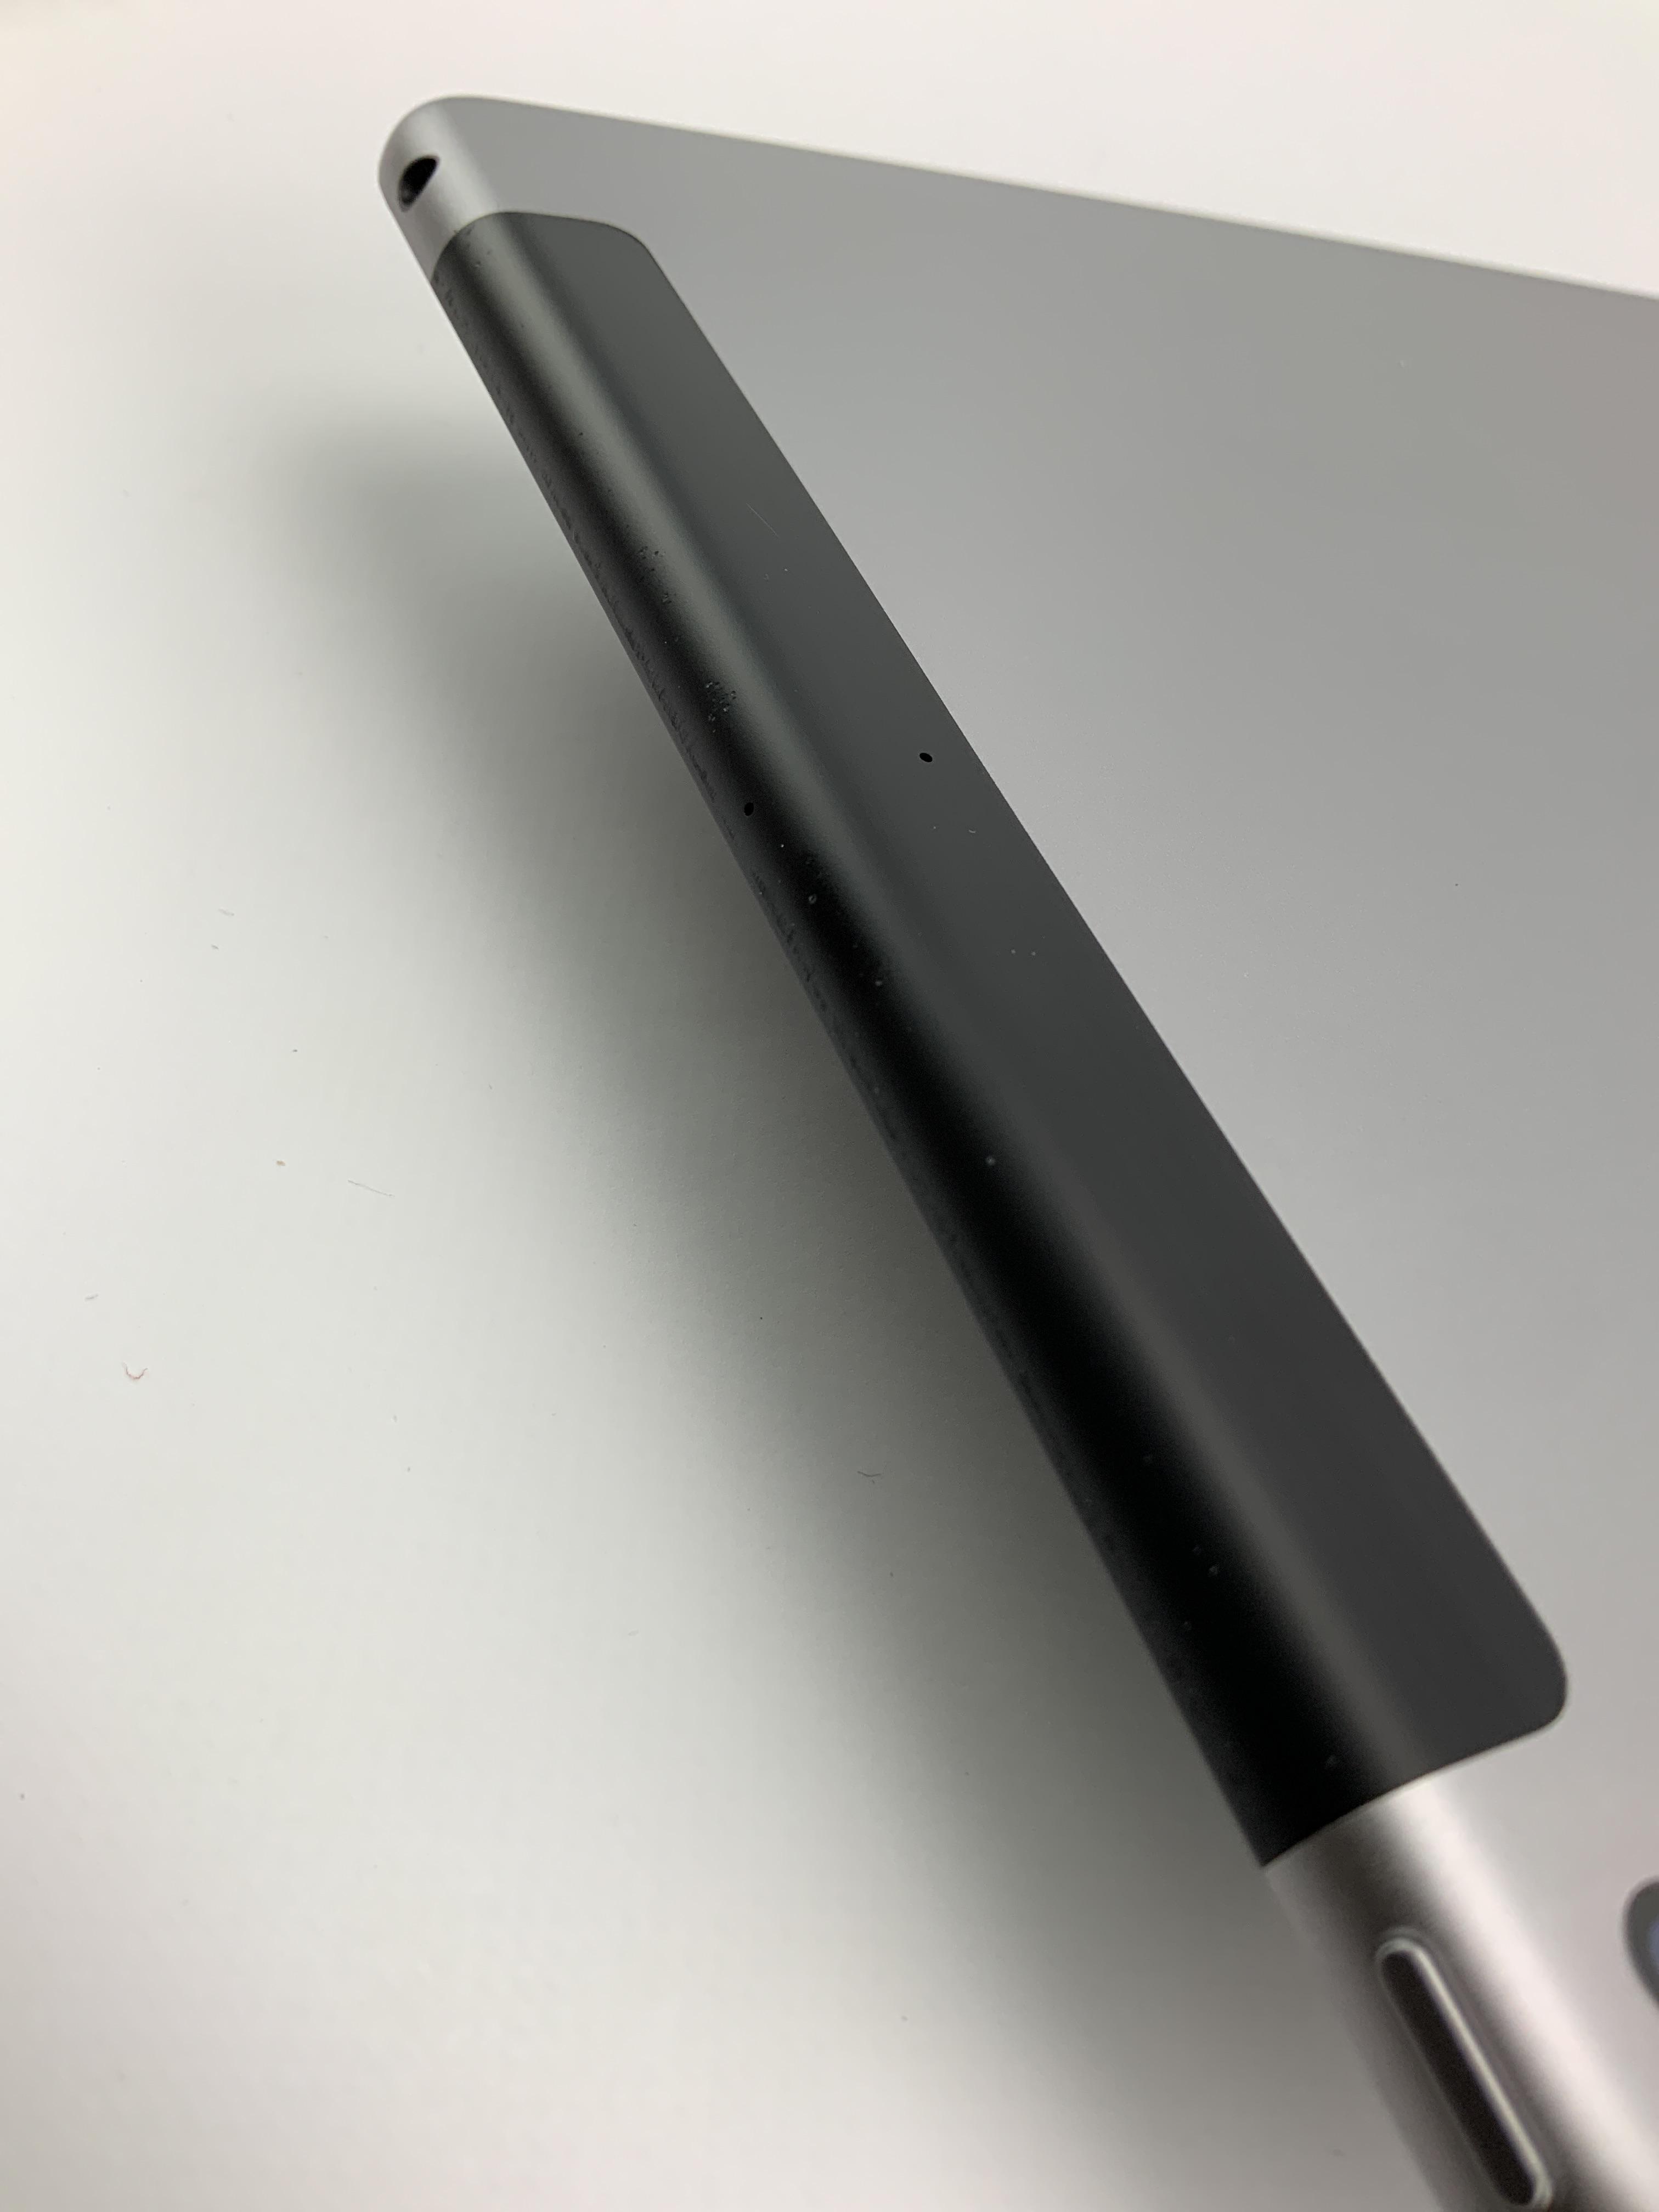 iPad 6 Wi-Fi + Cellular 32GB, 32GB, Space Gray, image 3